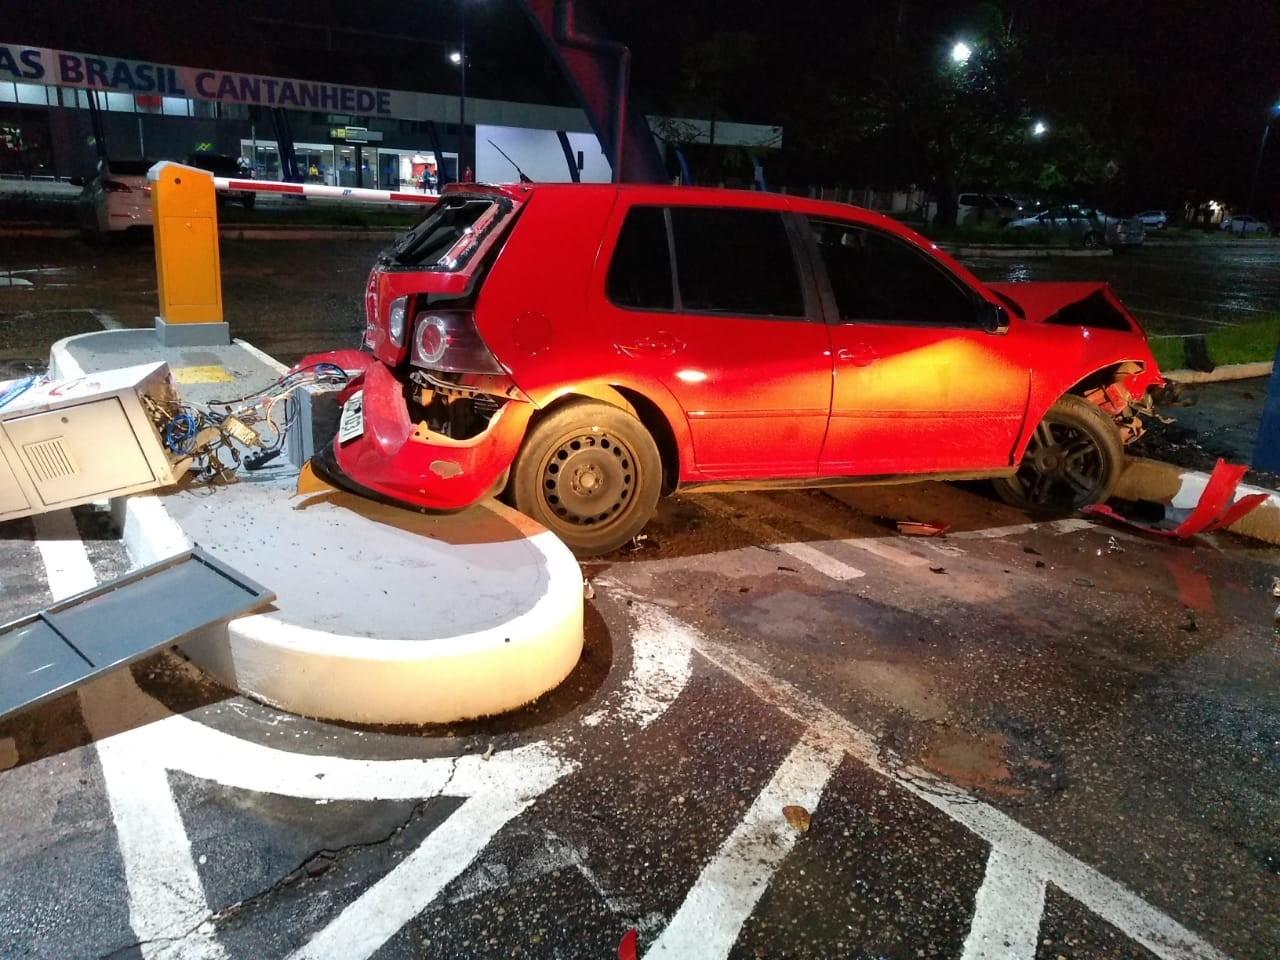 Jovem embriagado bate carro em parquímetro do aeroporto e acaba preso em Boa Vista - Notícias - Plantão Diário